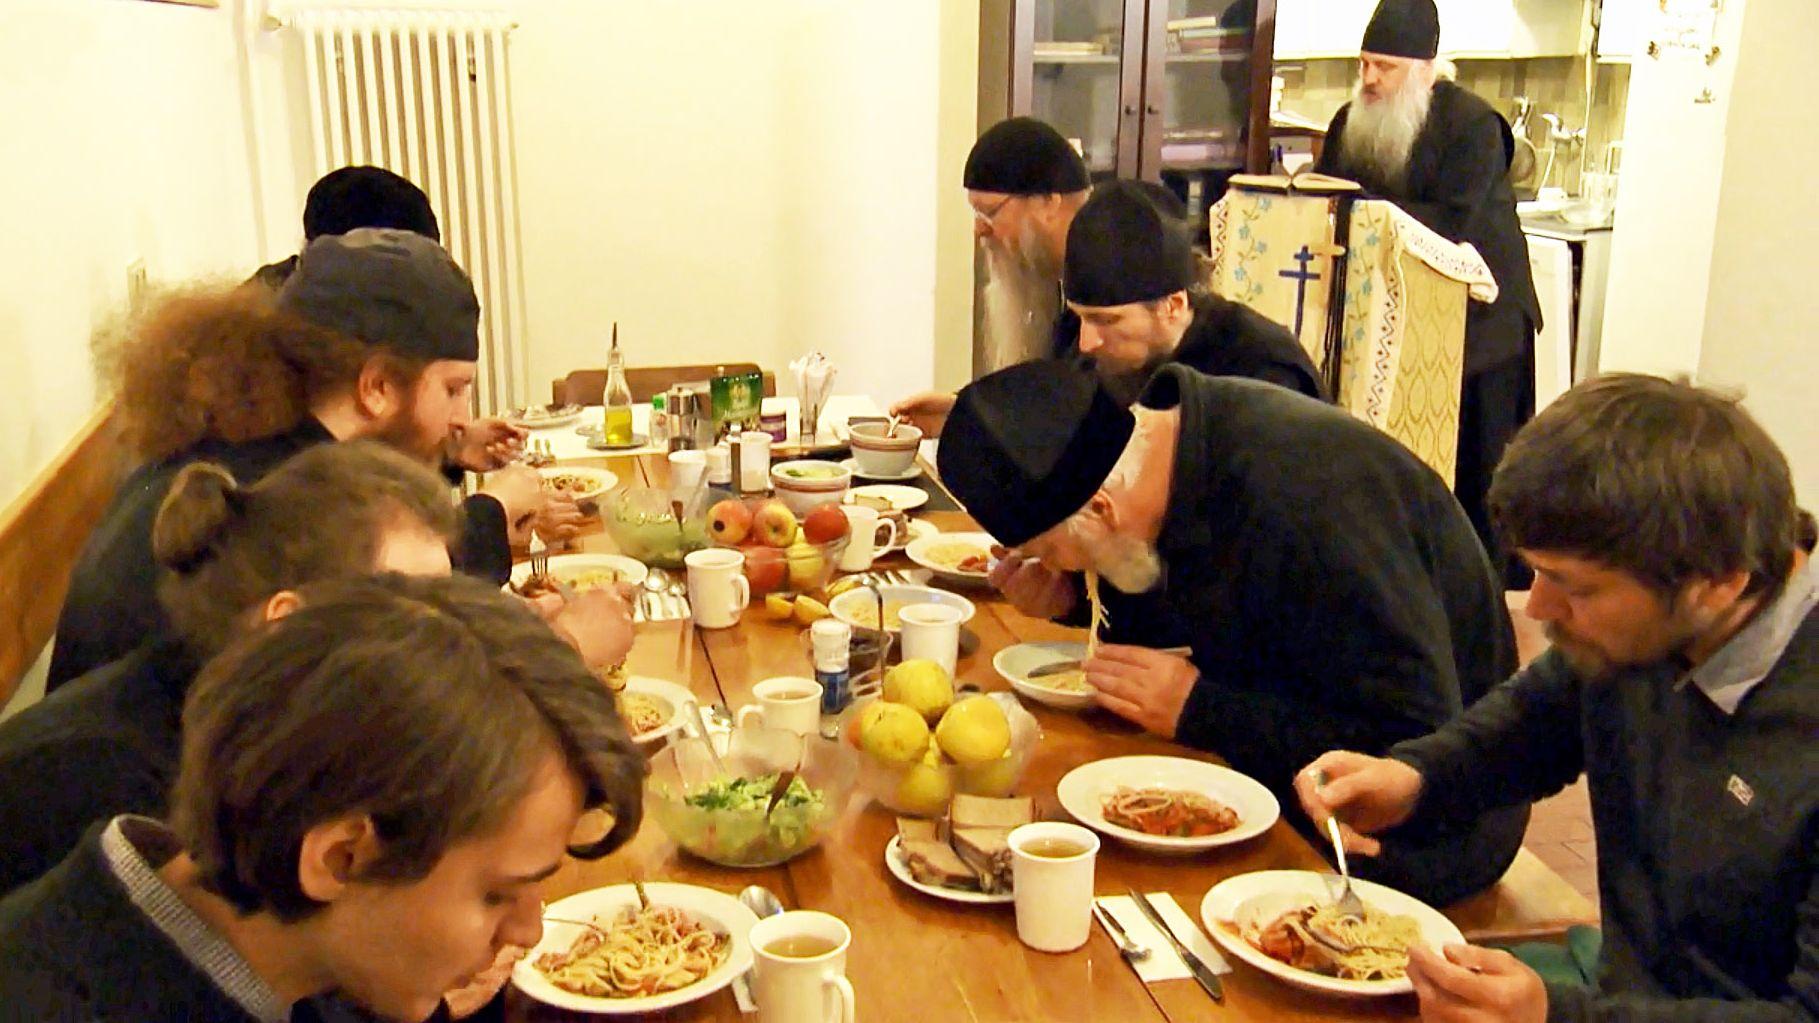 Gemeinsames Essen im russisch-orthodoxen Kloster des heiligen Hiob in München.